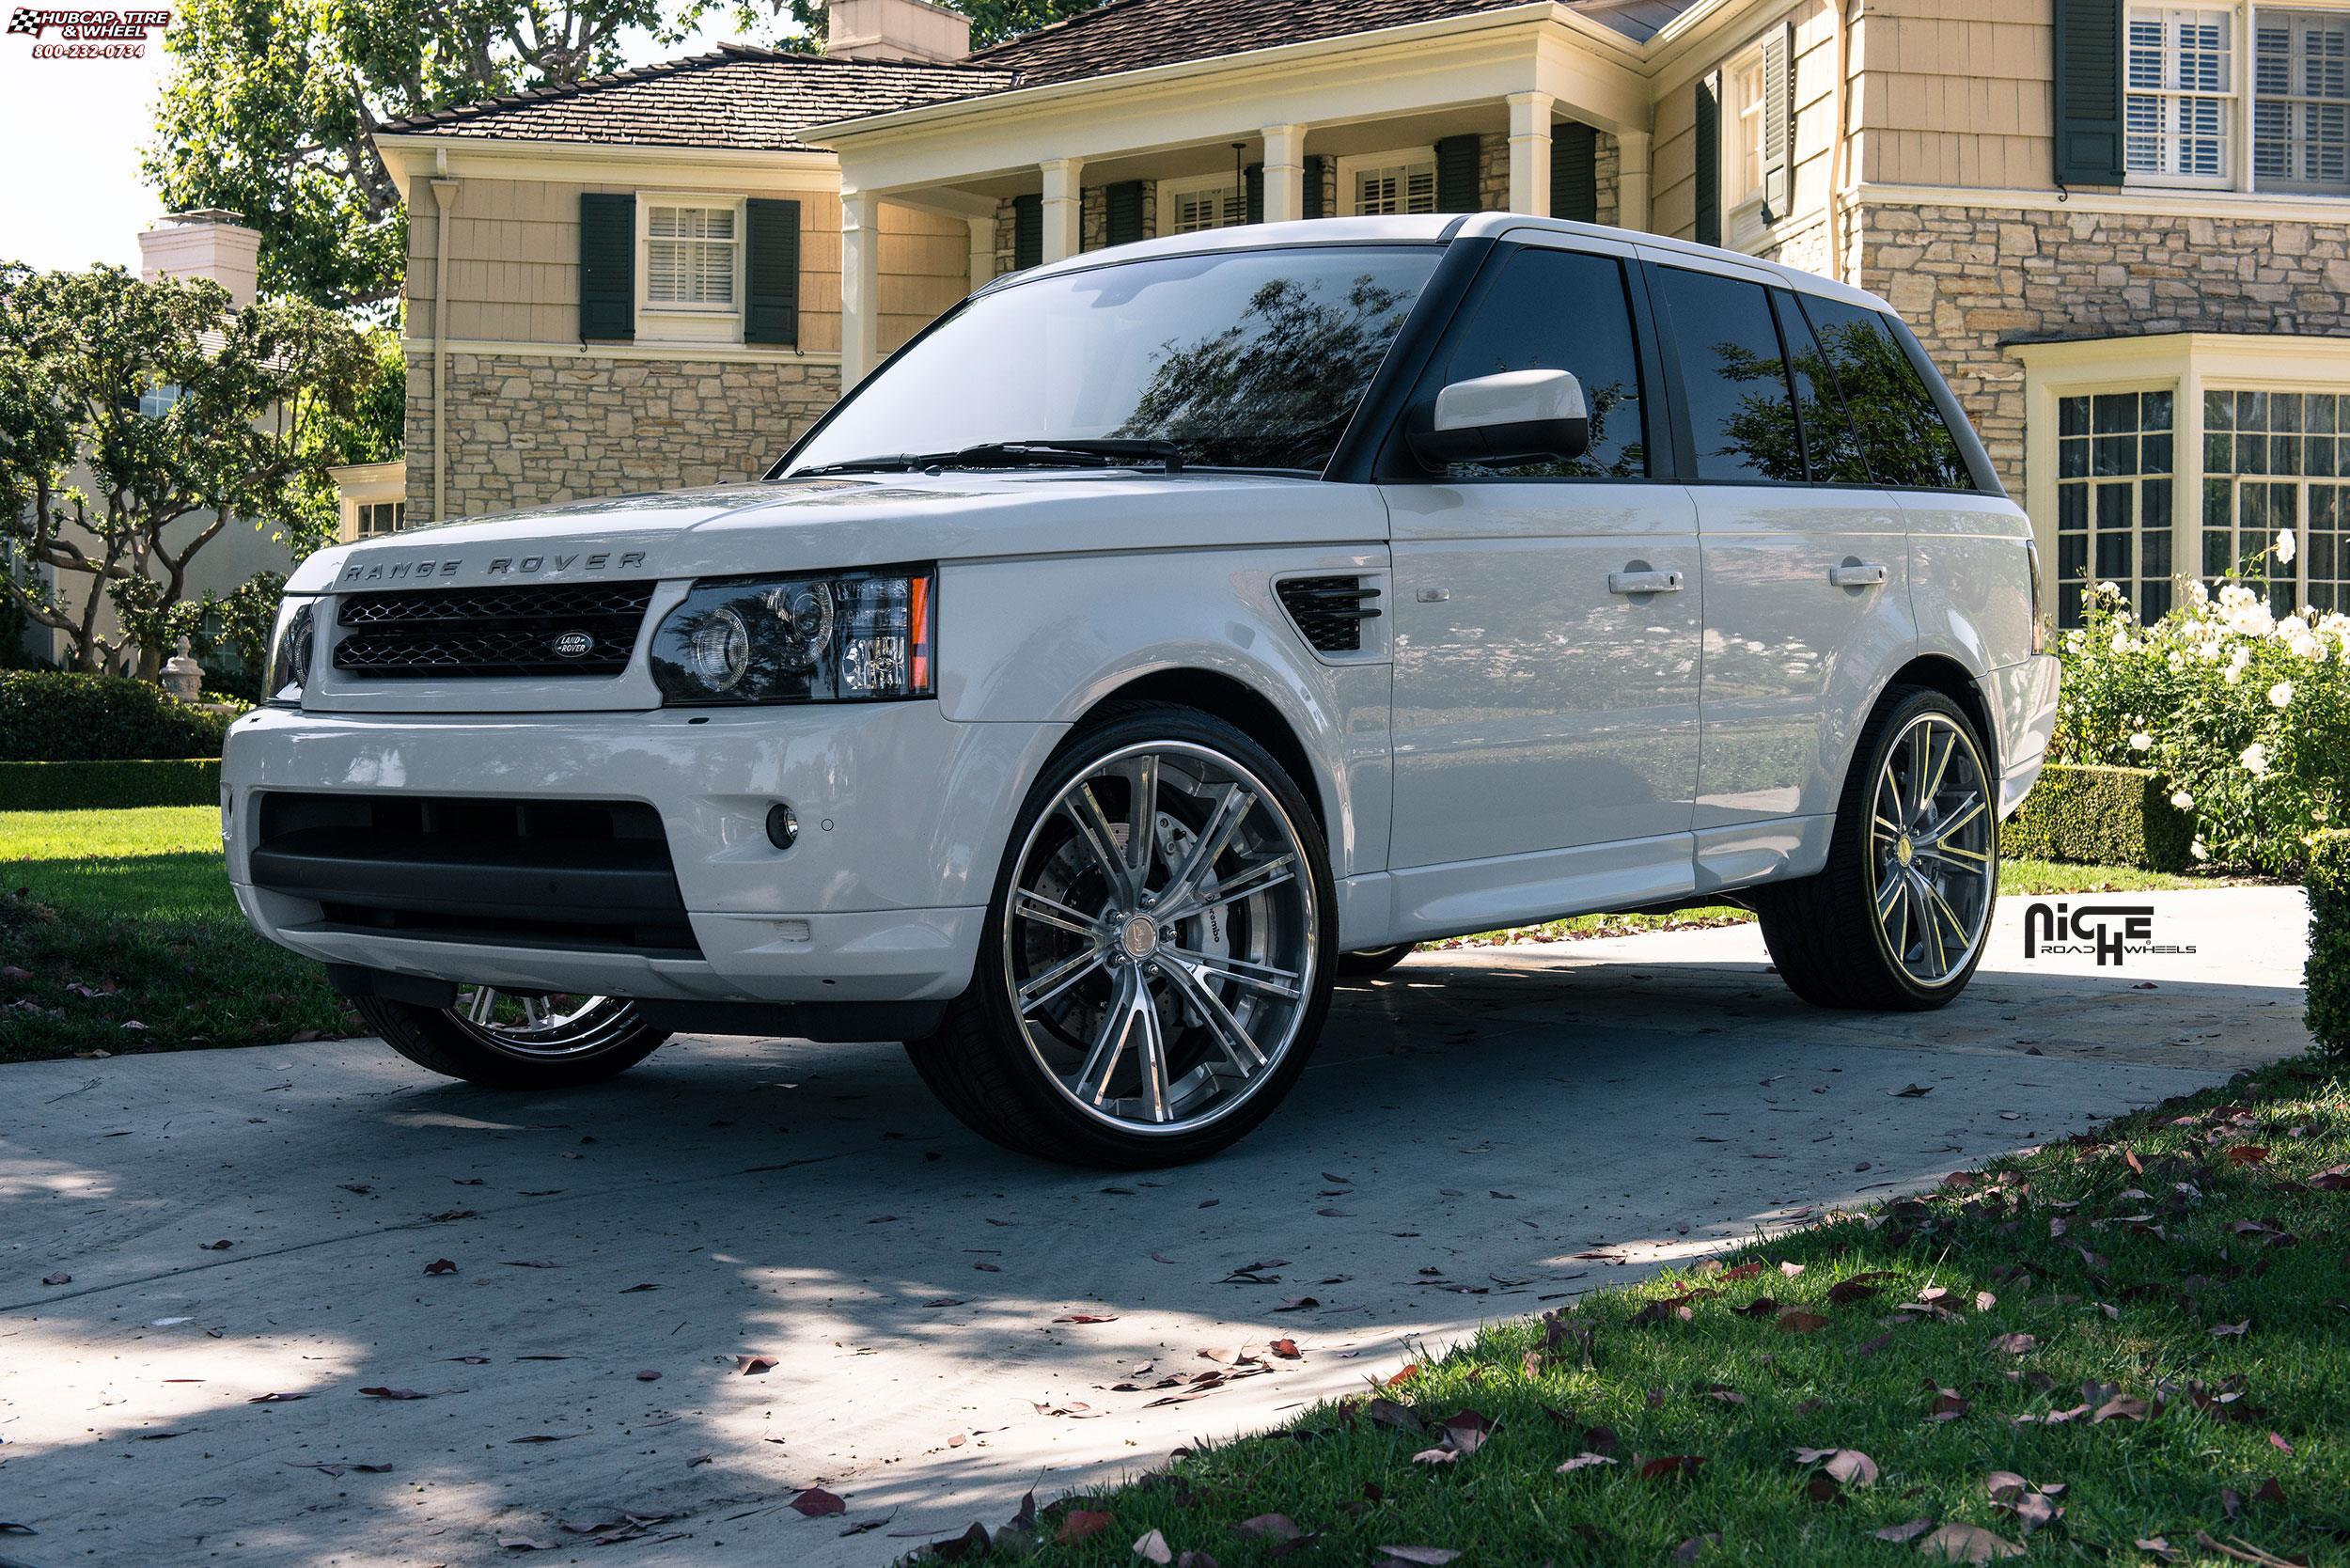 Land Rover Range Rover Sport Niche Ritz Wheels Brushed